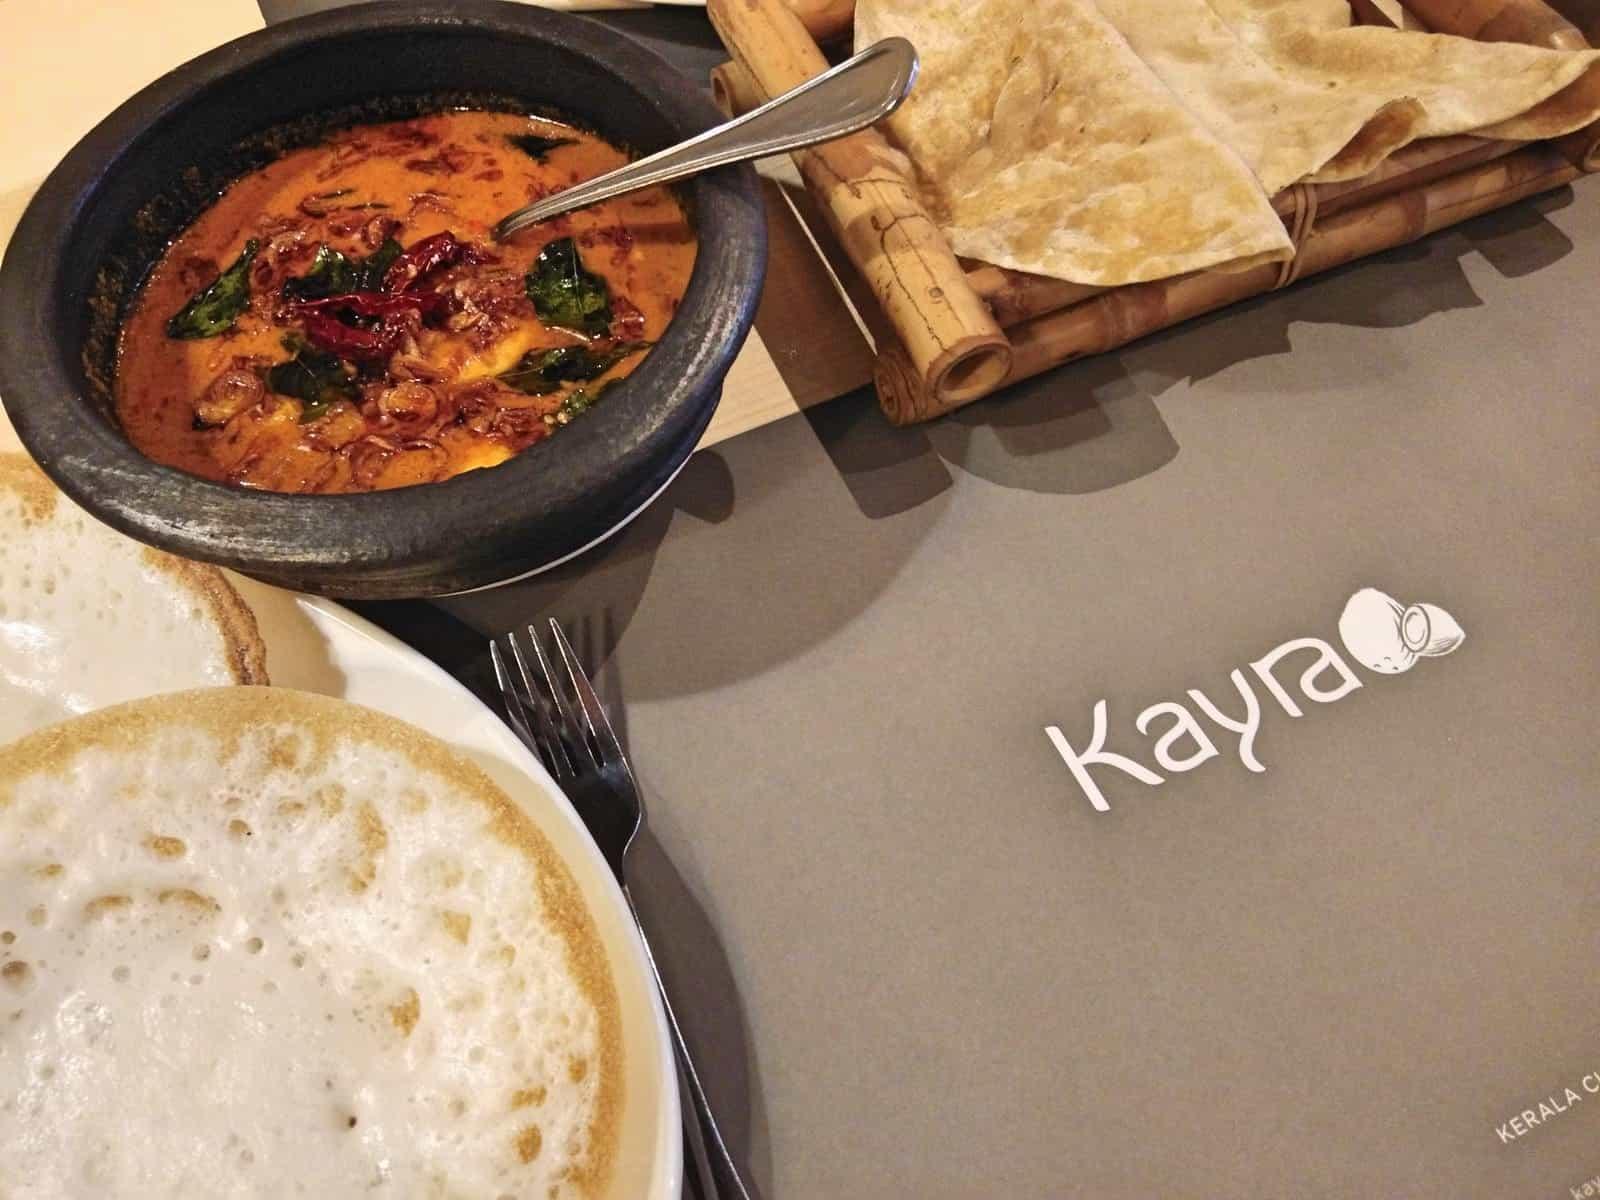 Kayra-TTDI-Keralan-restaurant-Kuala-Lumpur-Malaysia-Travel-Mermaid-03